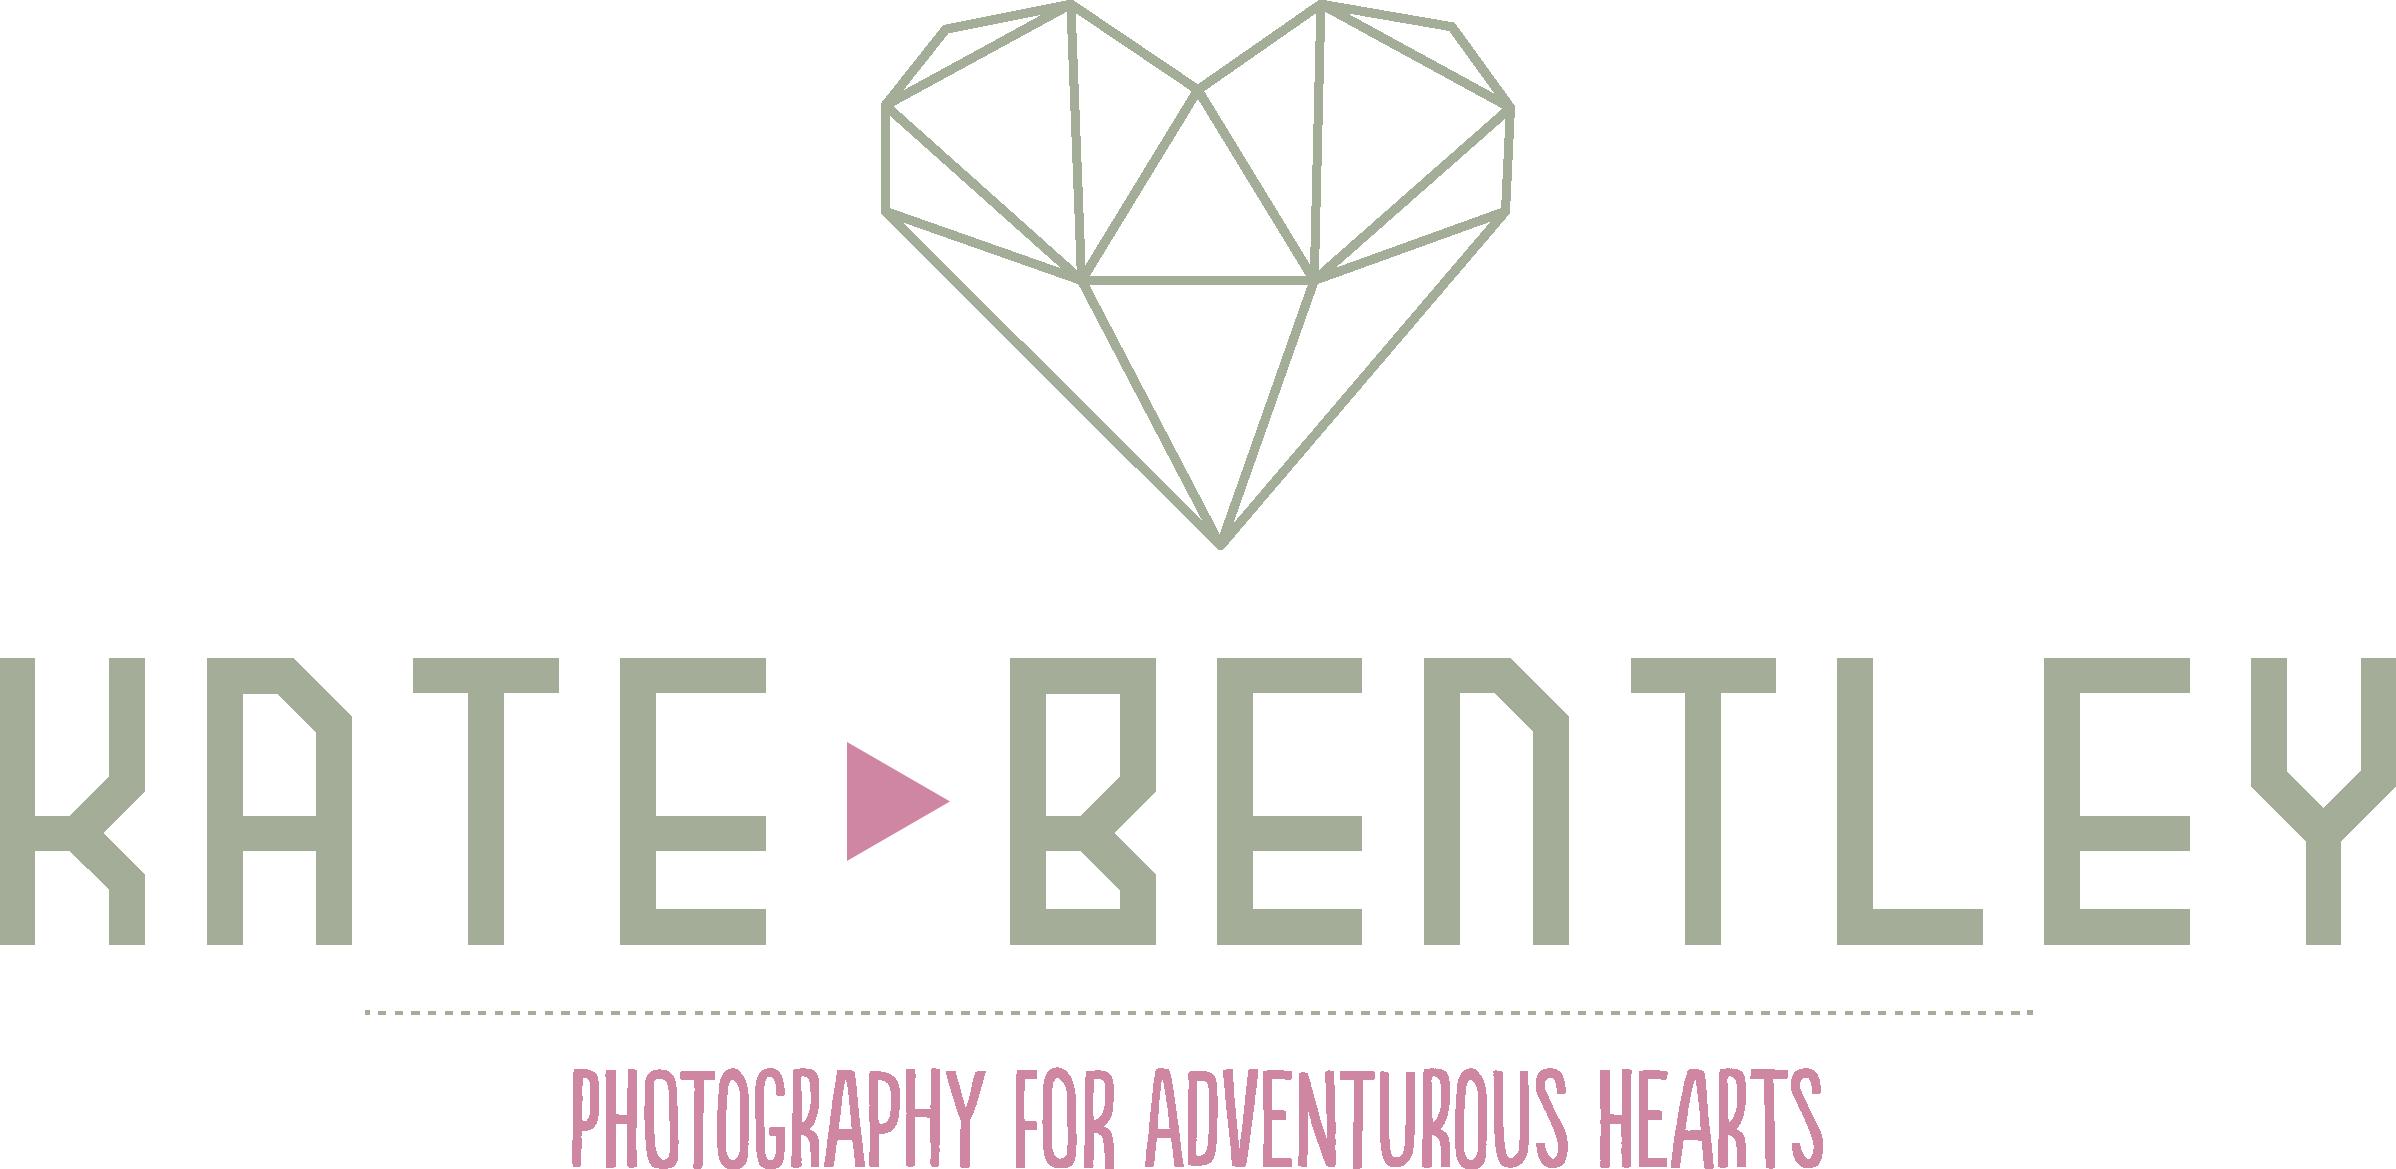 KateBentleyPhotography.png